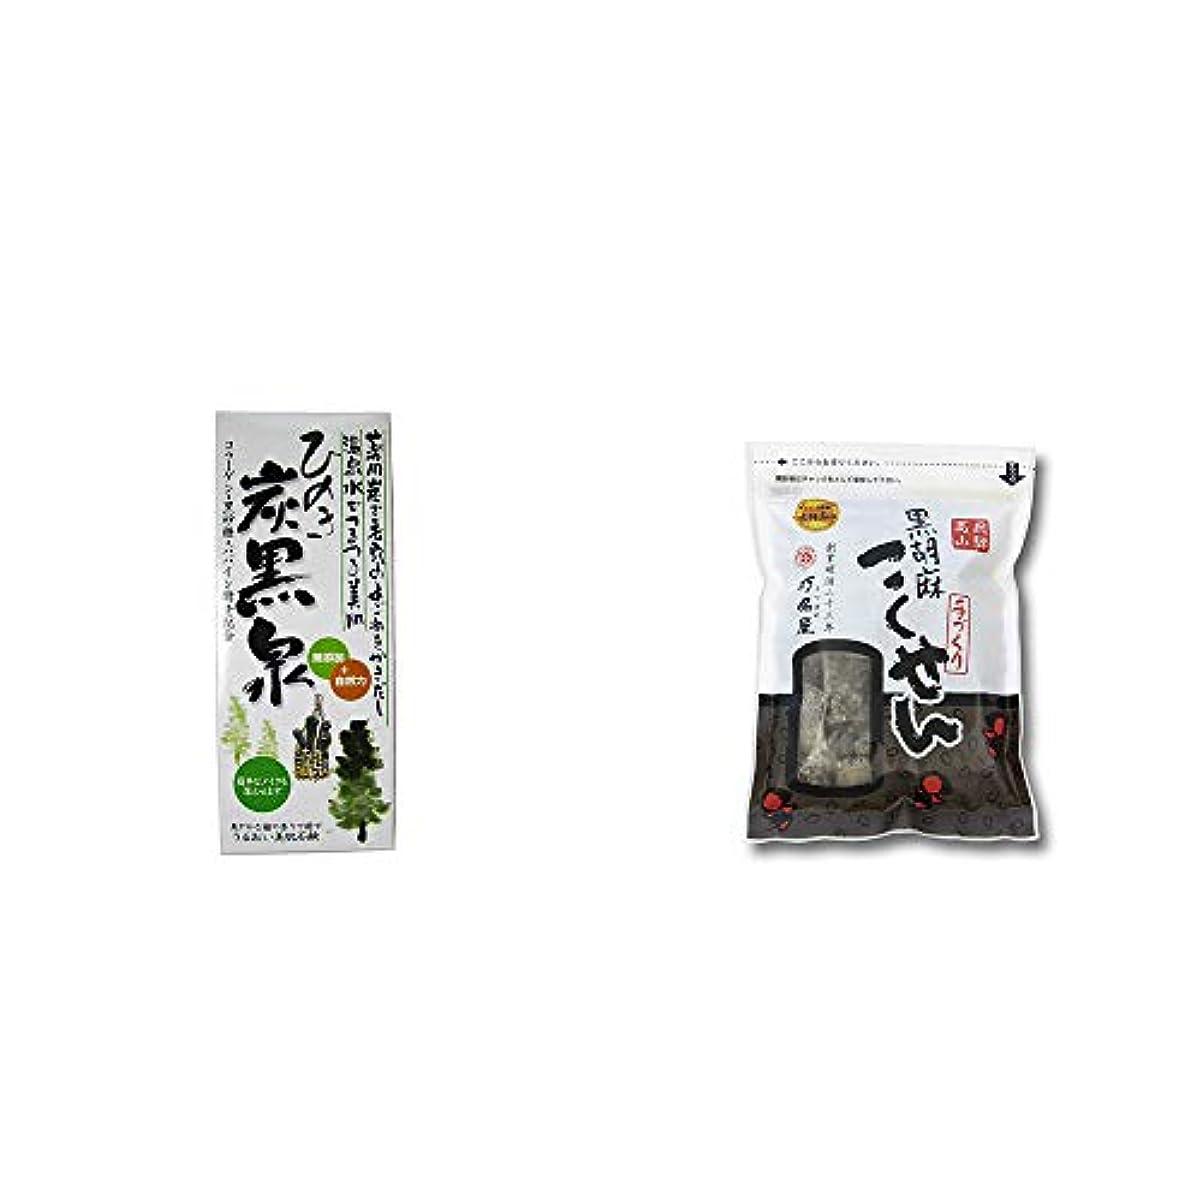 電気的朝食を食べるグラマー[2点セット] ひのき炭黒泉 箱入り(75g×3)?飛騨 打保屋 駄菓子 げんこつきなこ(250g)